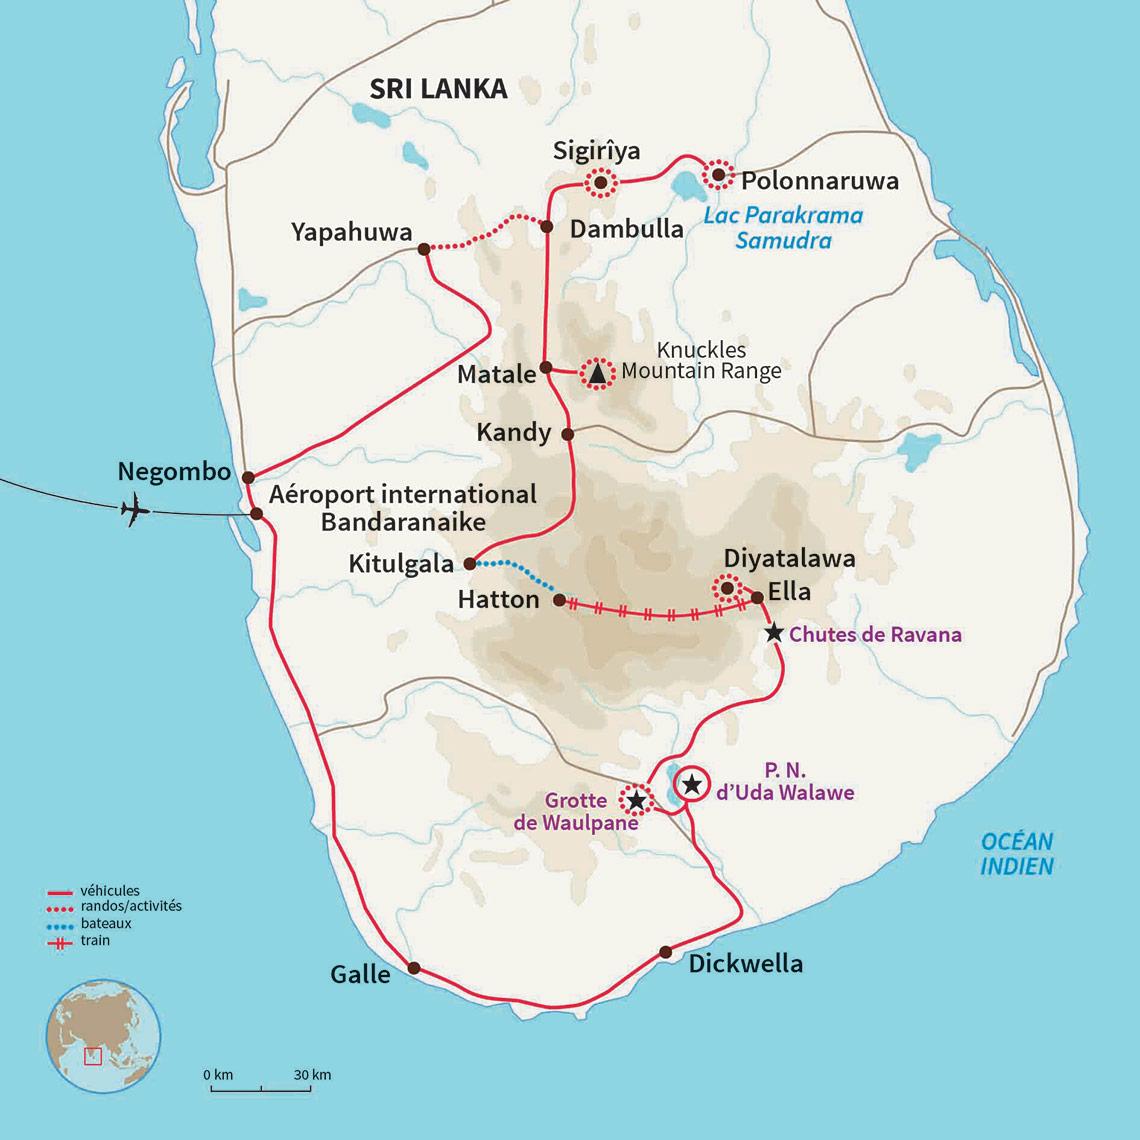 rencontres en ligne gratuites au Sri Lanka